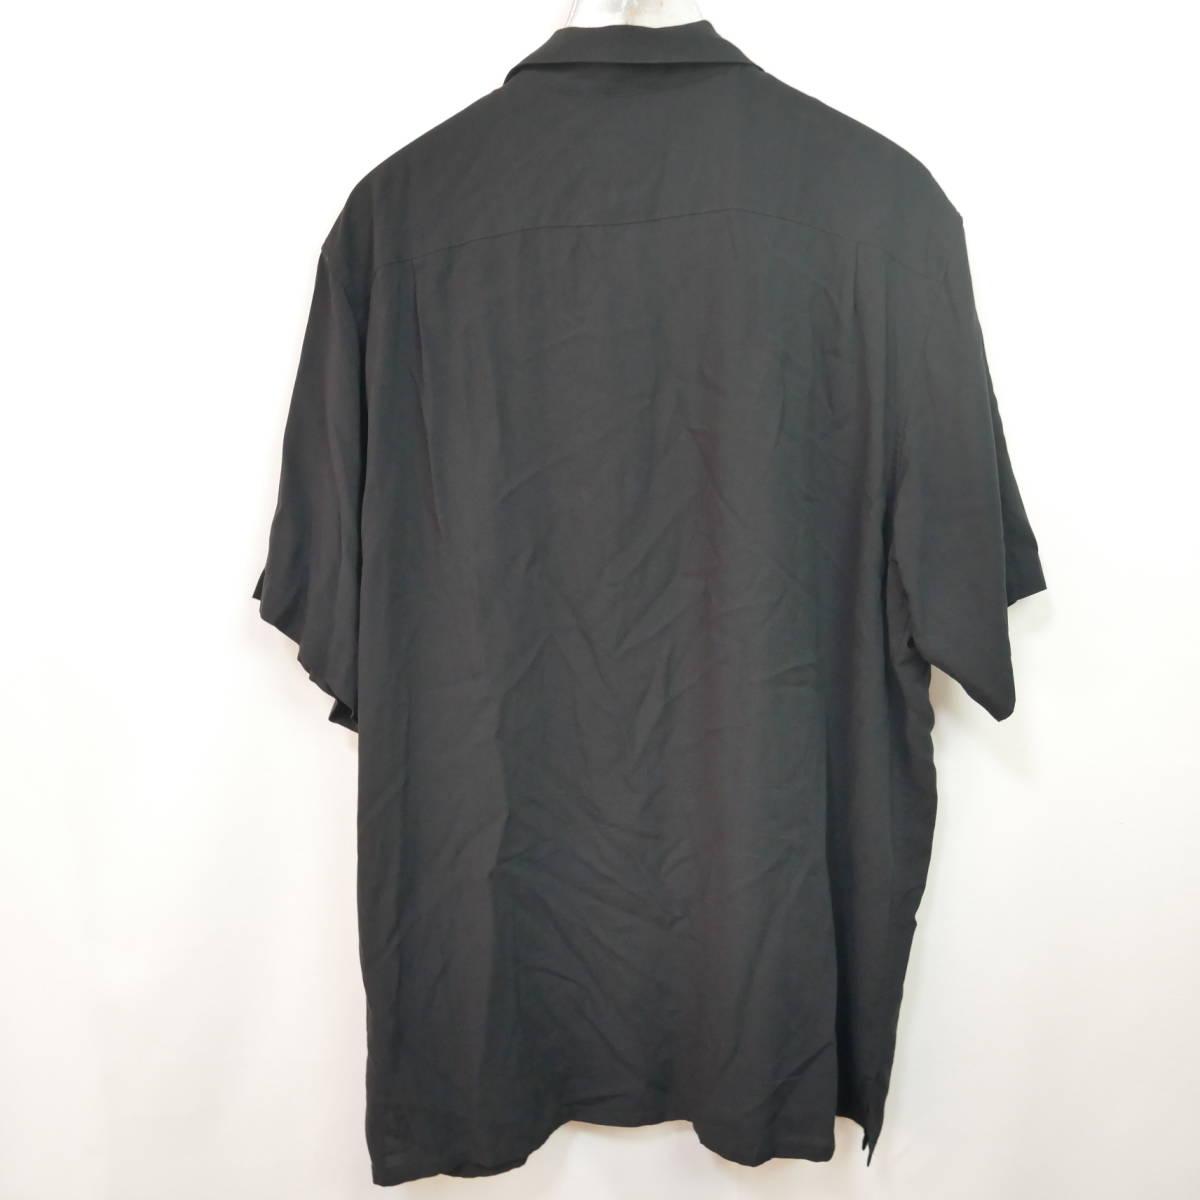 【1円】良好 国内正規 Supreme 18AW 18FW Dragon Rayon Shirt ドラゴンレーヨンシャツ Black 黒 XL_画像4